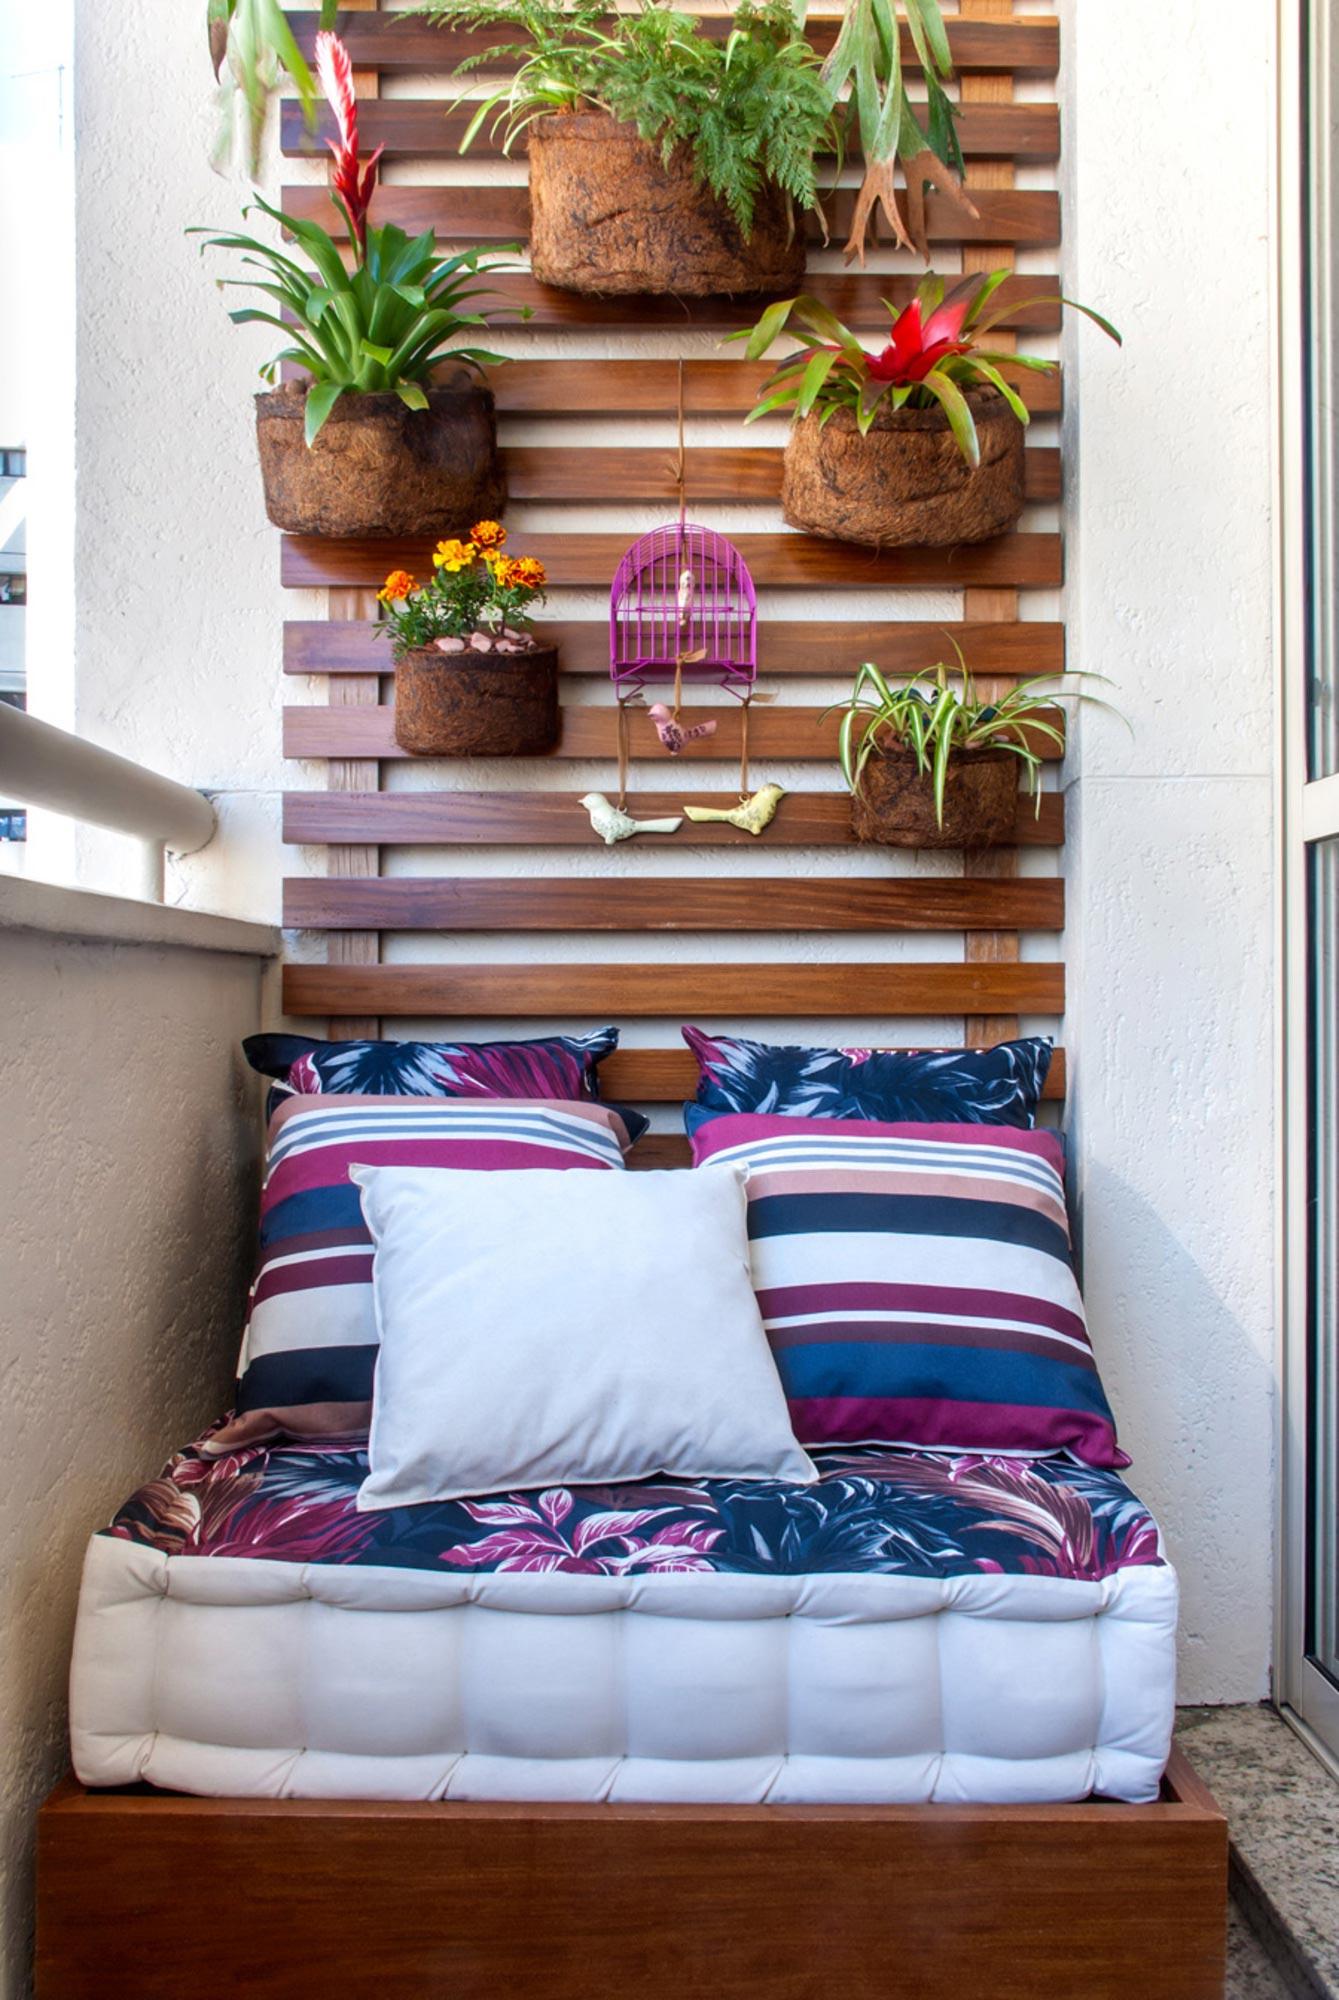 25 идей, как превратить маленький балкон в уголок для отдыха.